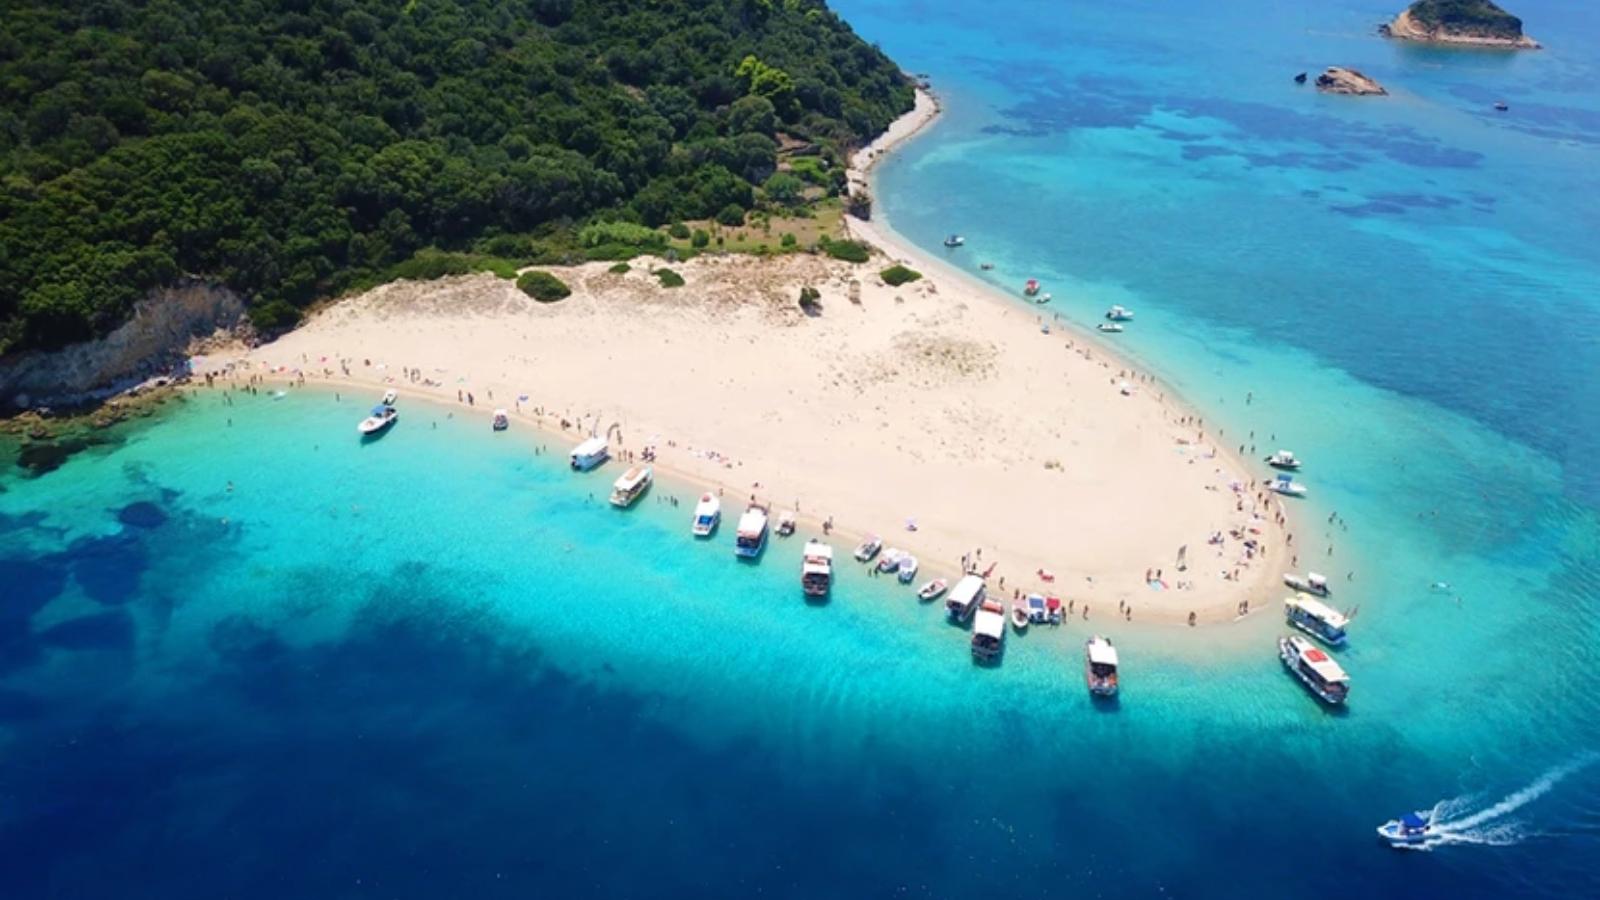 Μαραθονήσι: Το μικροσκοπικό νησί που μοιάζει με εξωτική όαση στο Ιόνιο